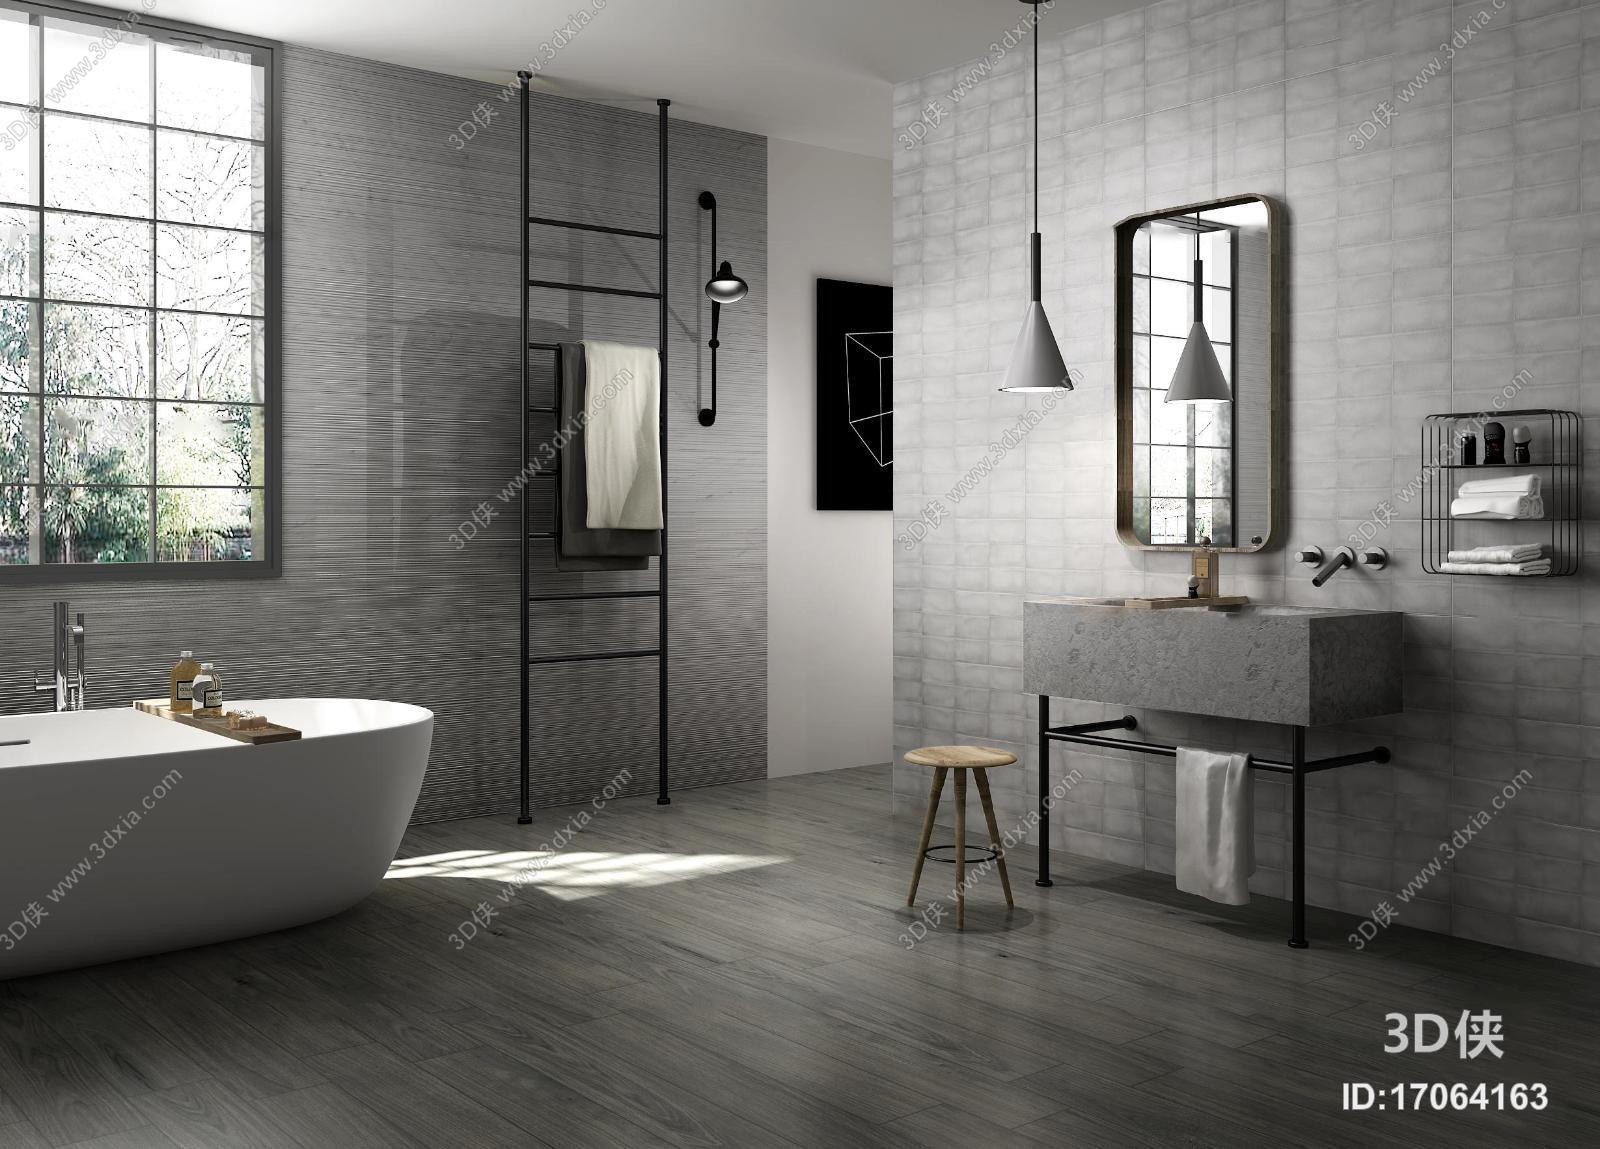 厨卫效果图素材免费下载,本作品主题是工业风卫生间浴室3d模型,编号是